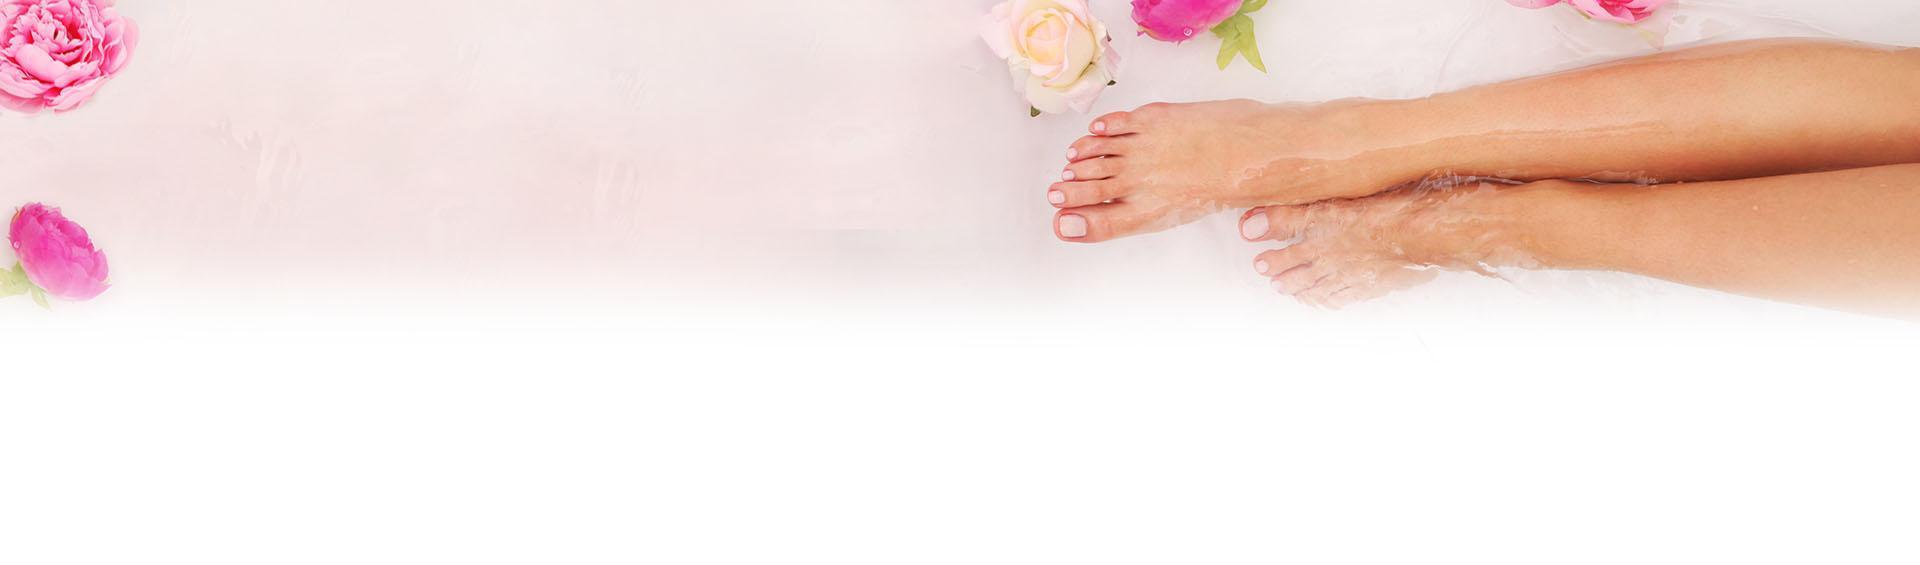 Stopy zanurzone w wodzie na tle róż